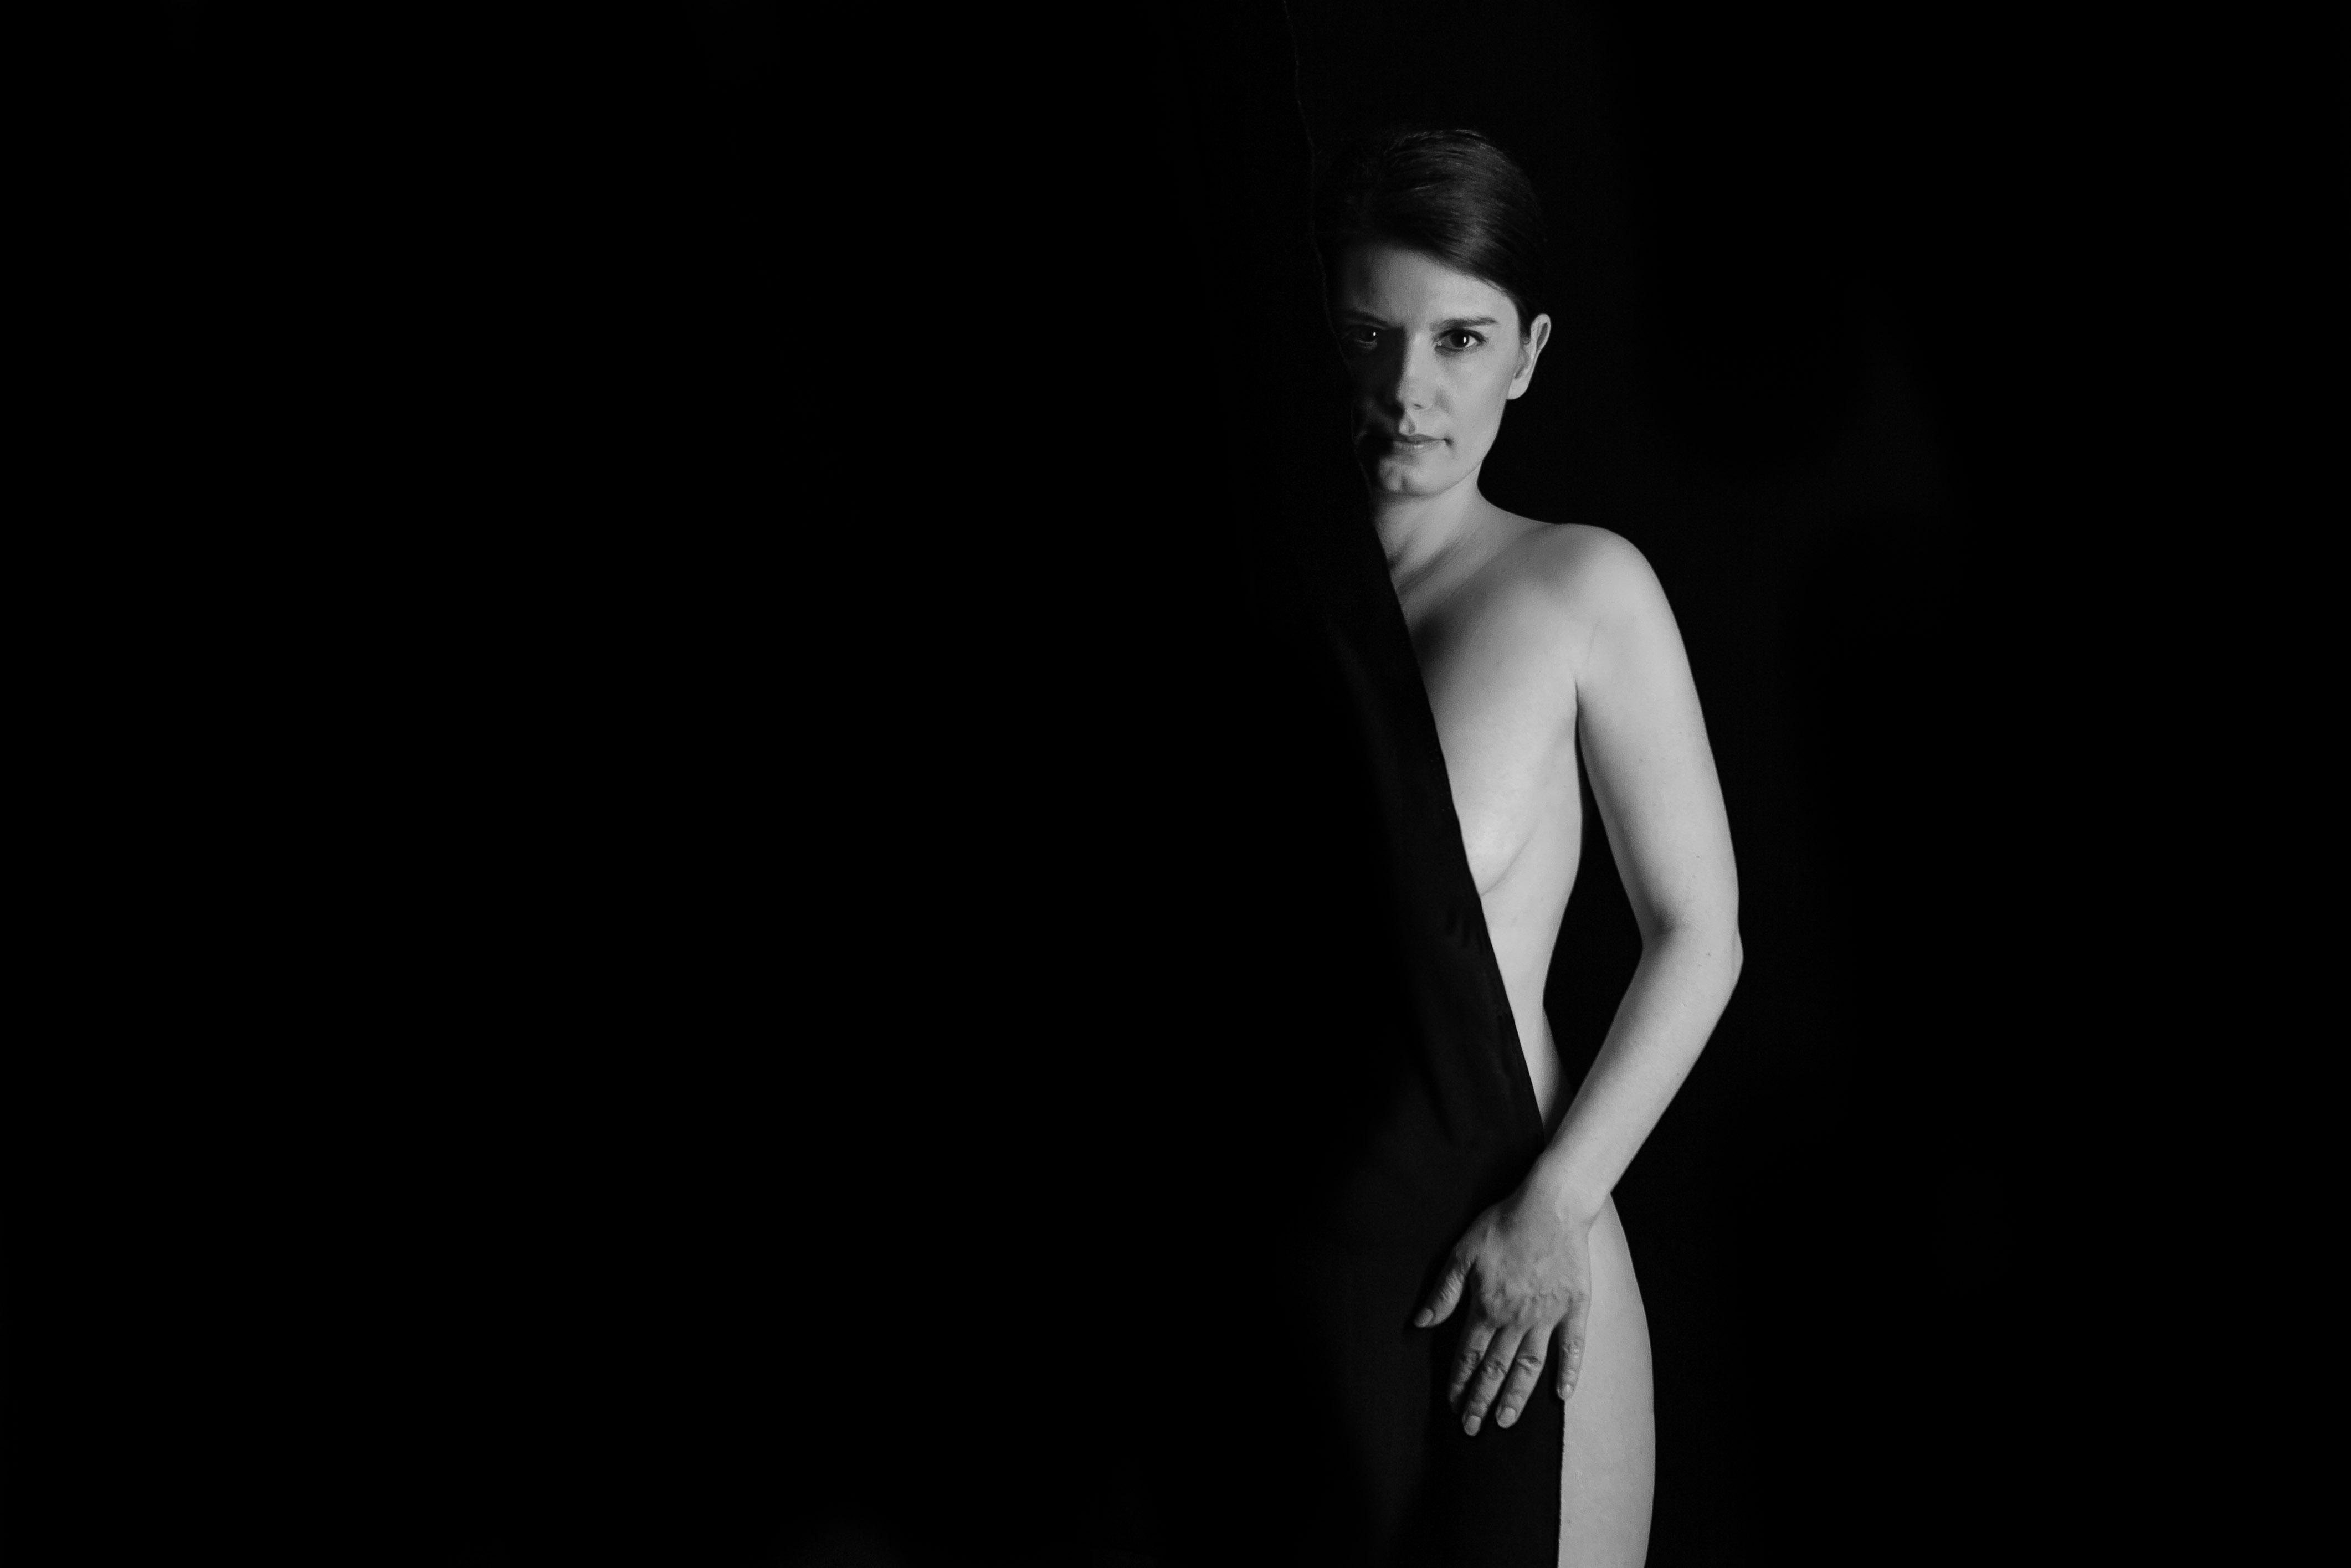 Black and White Aktfotos